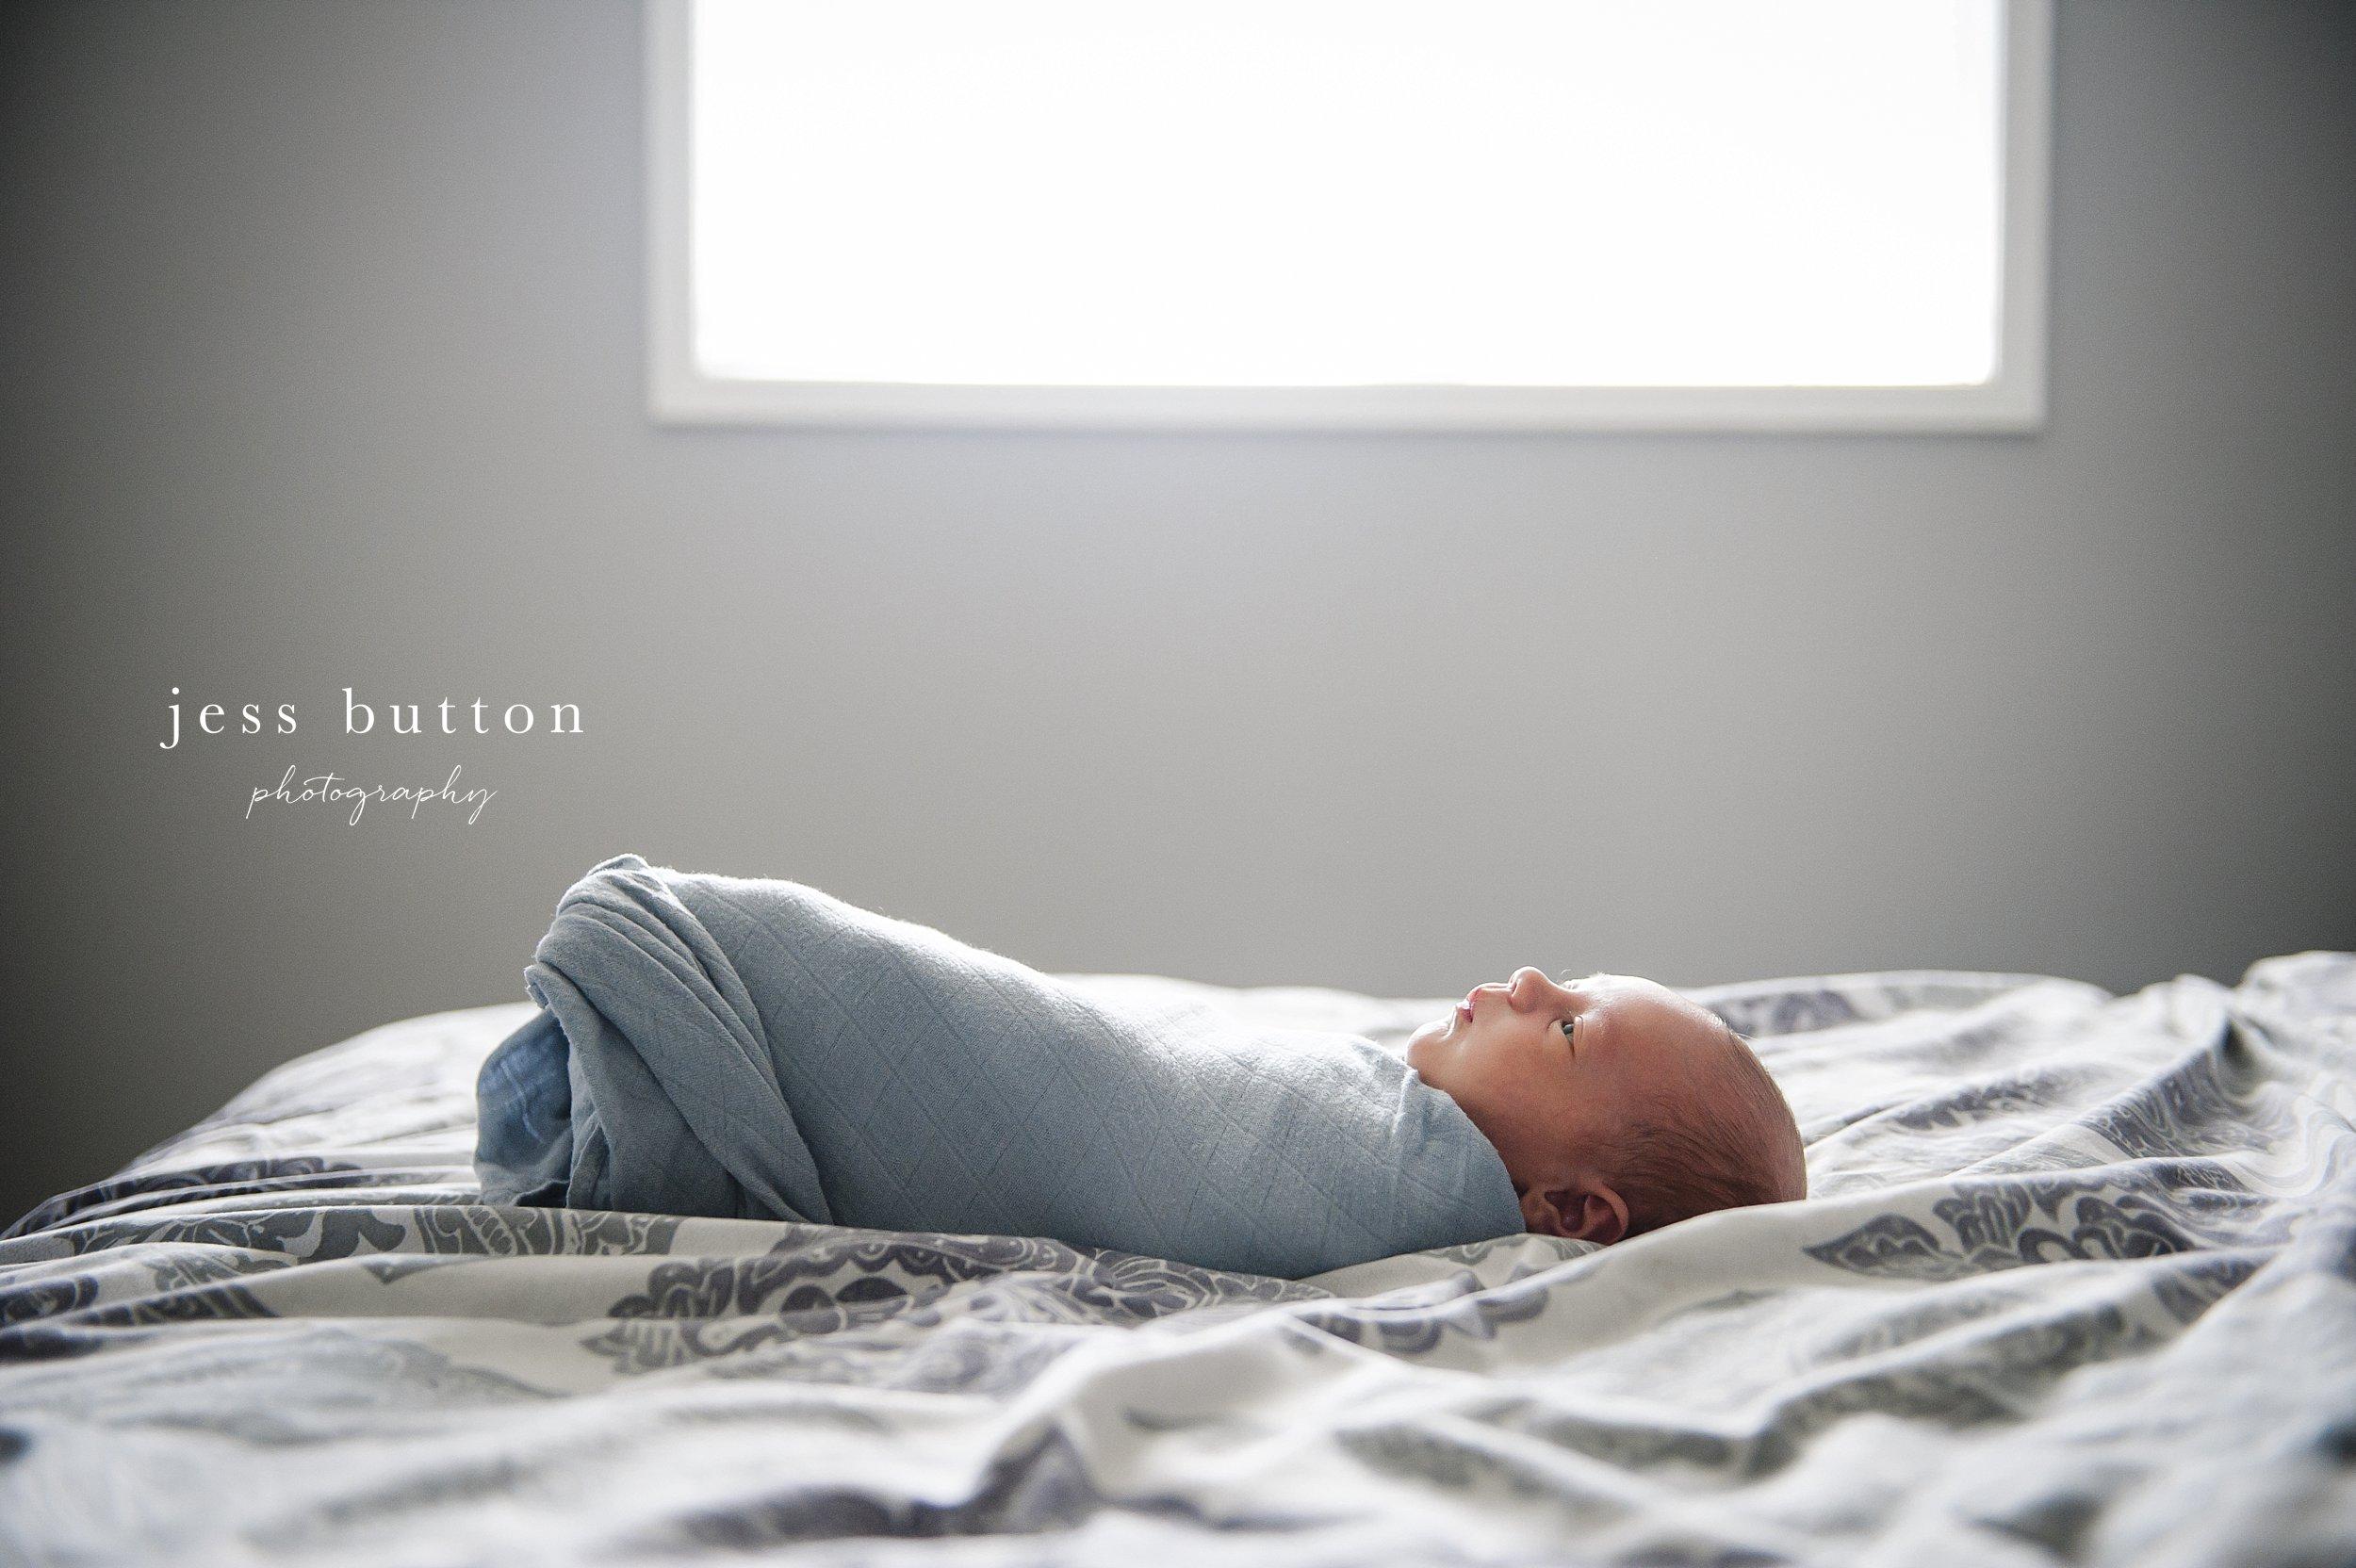 swaddled baby laying on bed awake